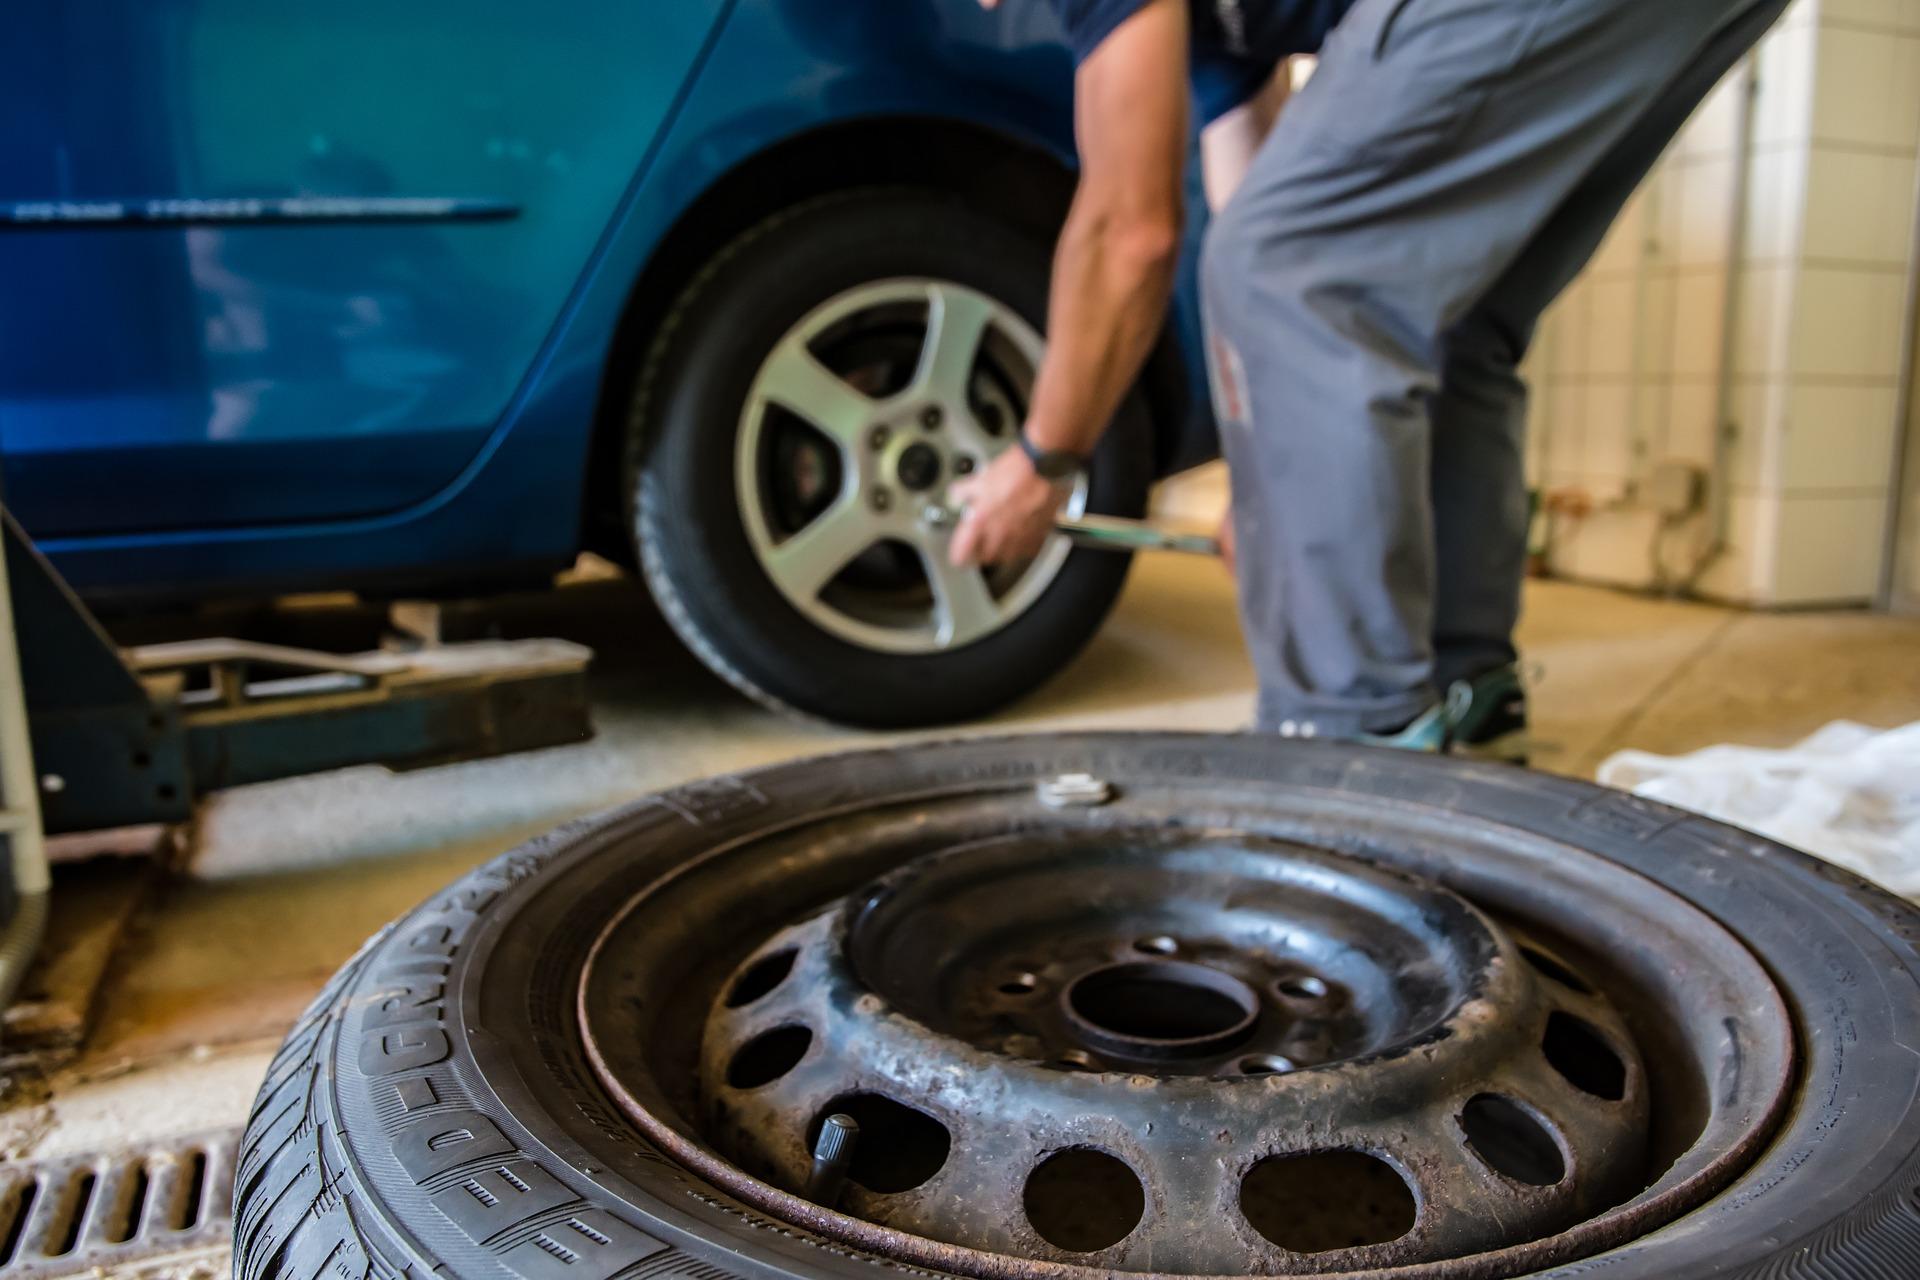 Заміна літніх шин на зимові: як правильно підготувати машину до зими